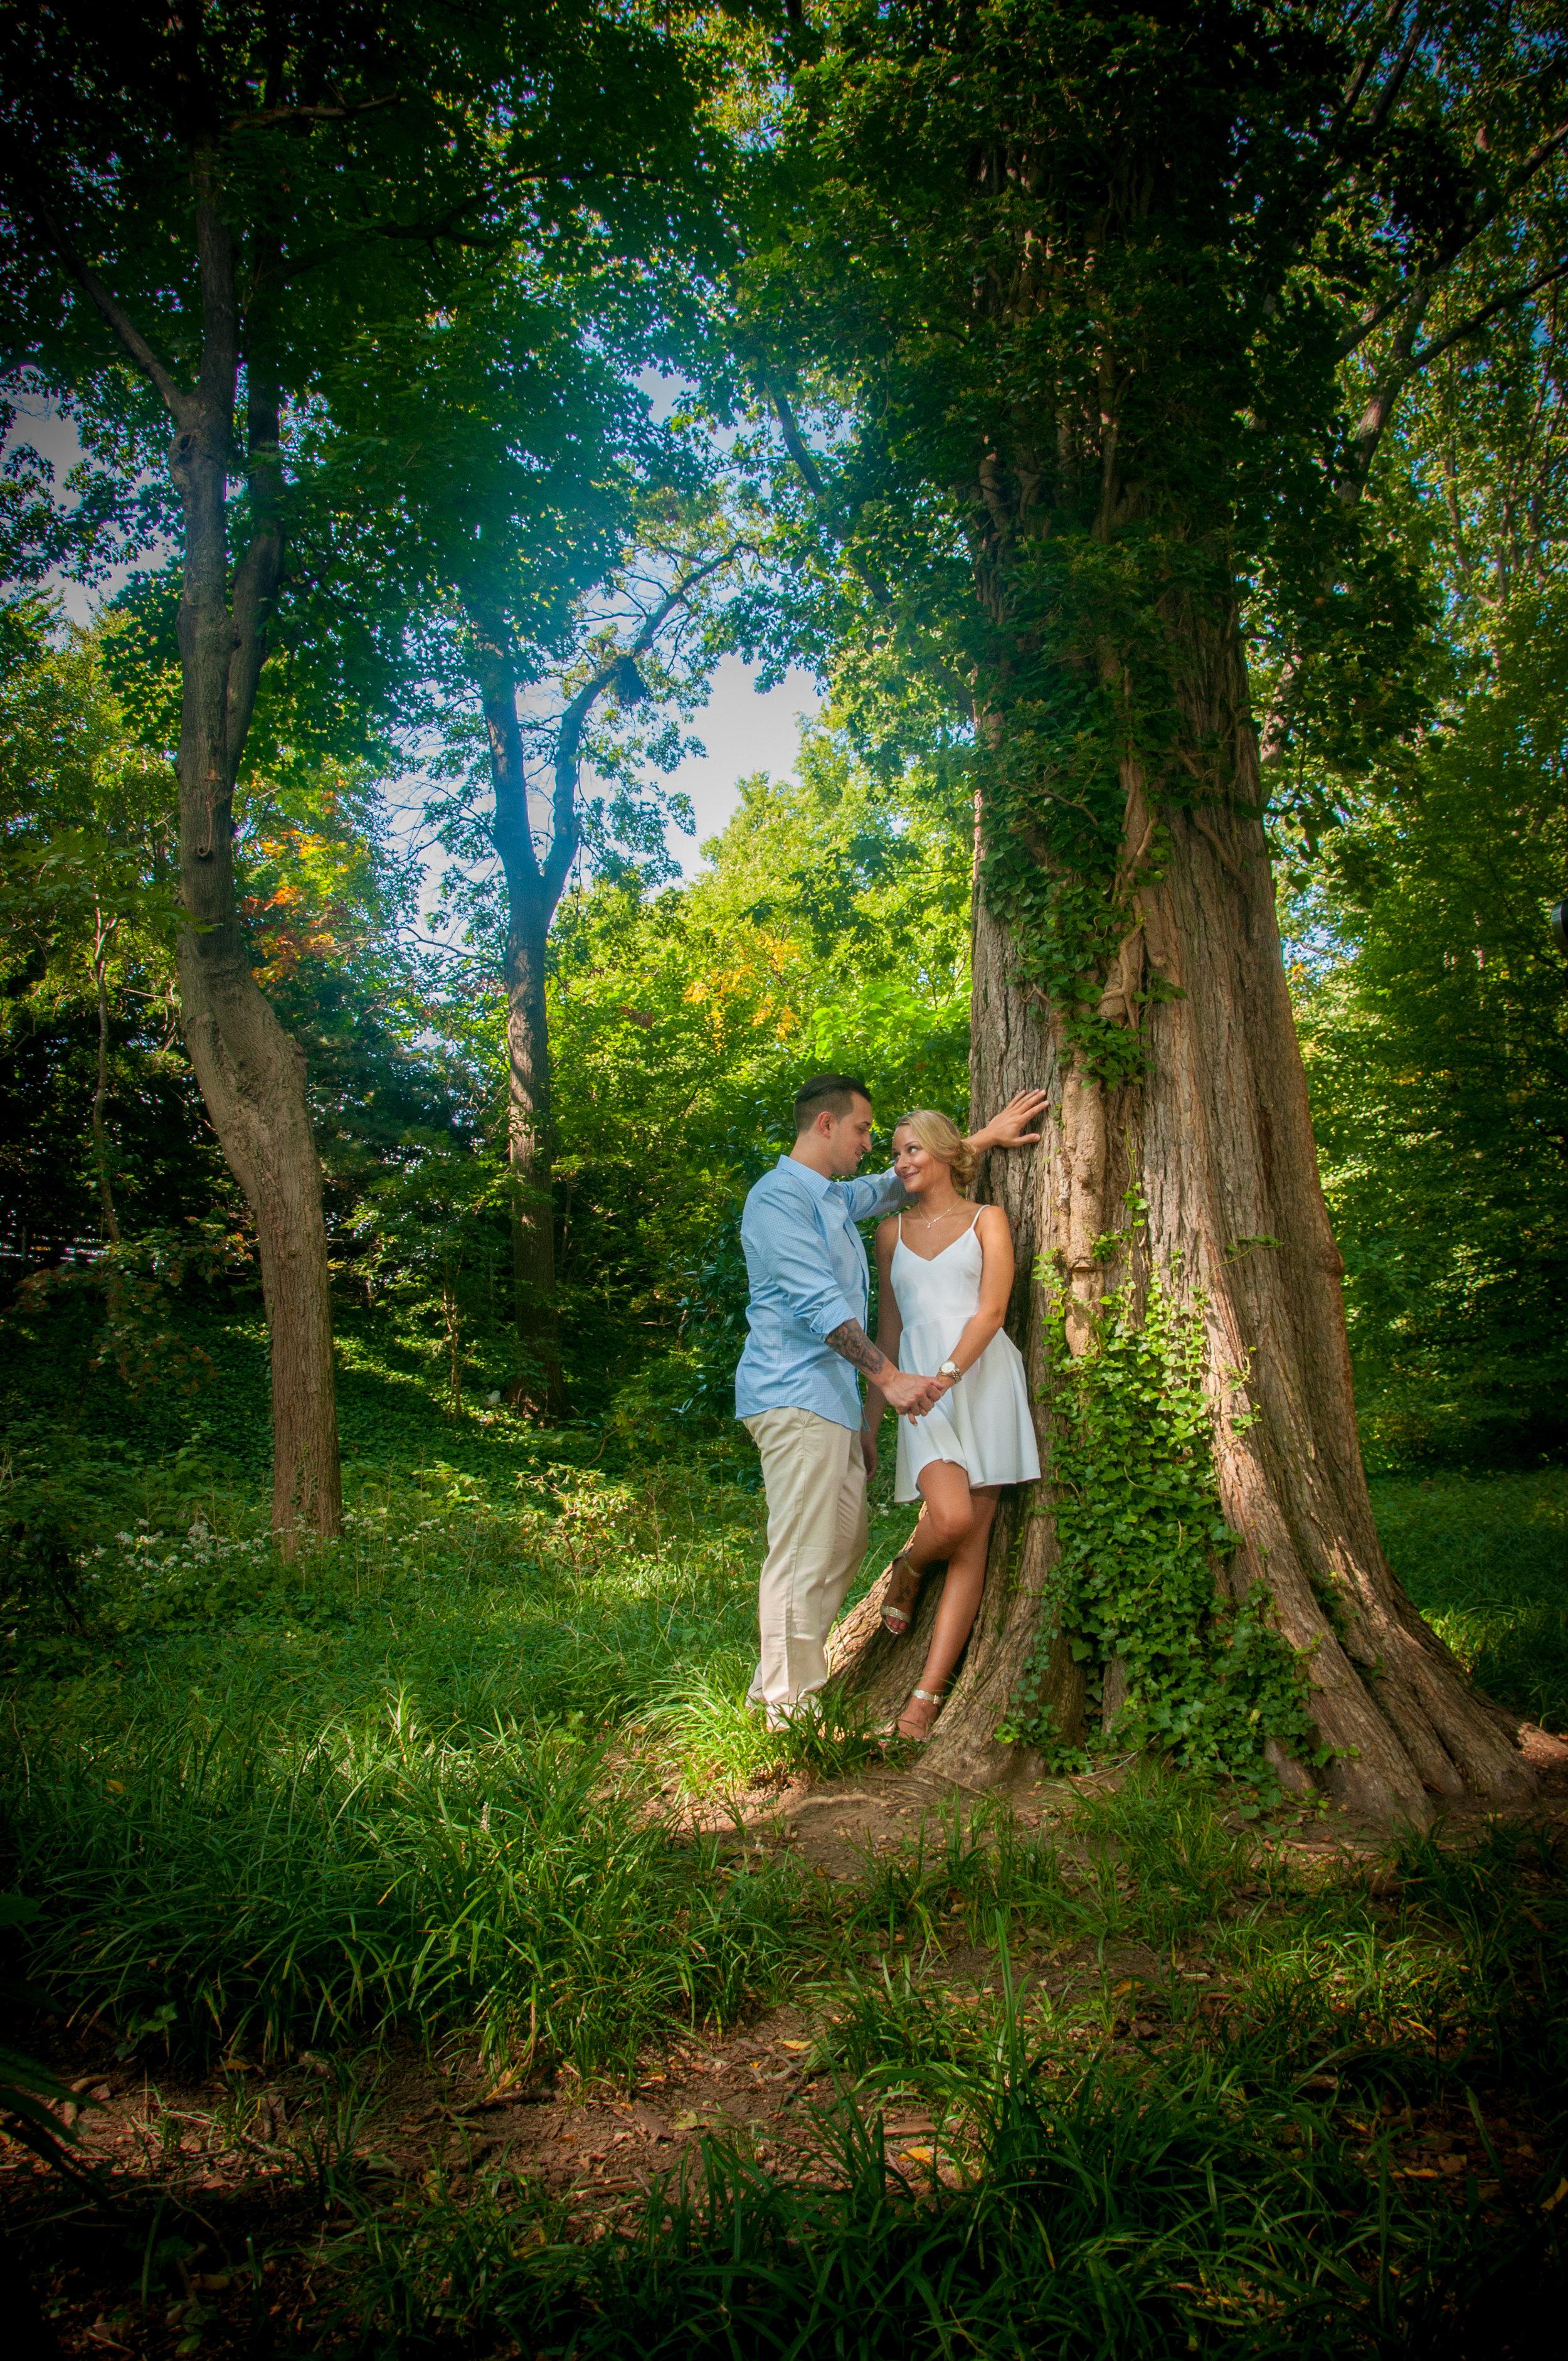 CArrieWestonStudios_NY_Portrait_Wedding_Photography_Northport_JoeandSarah-4.jpg